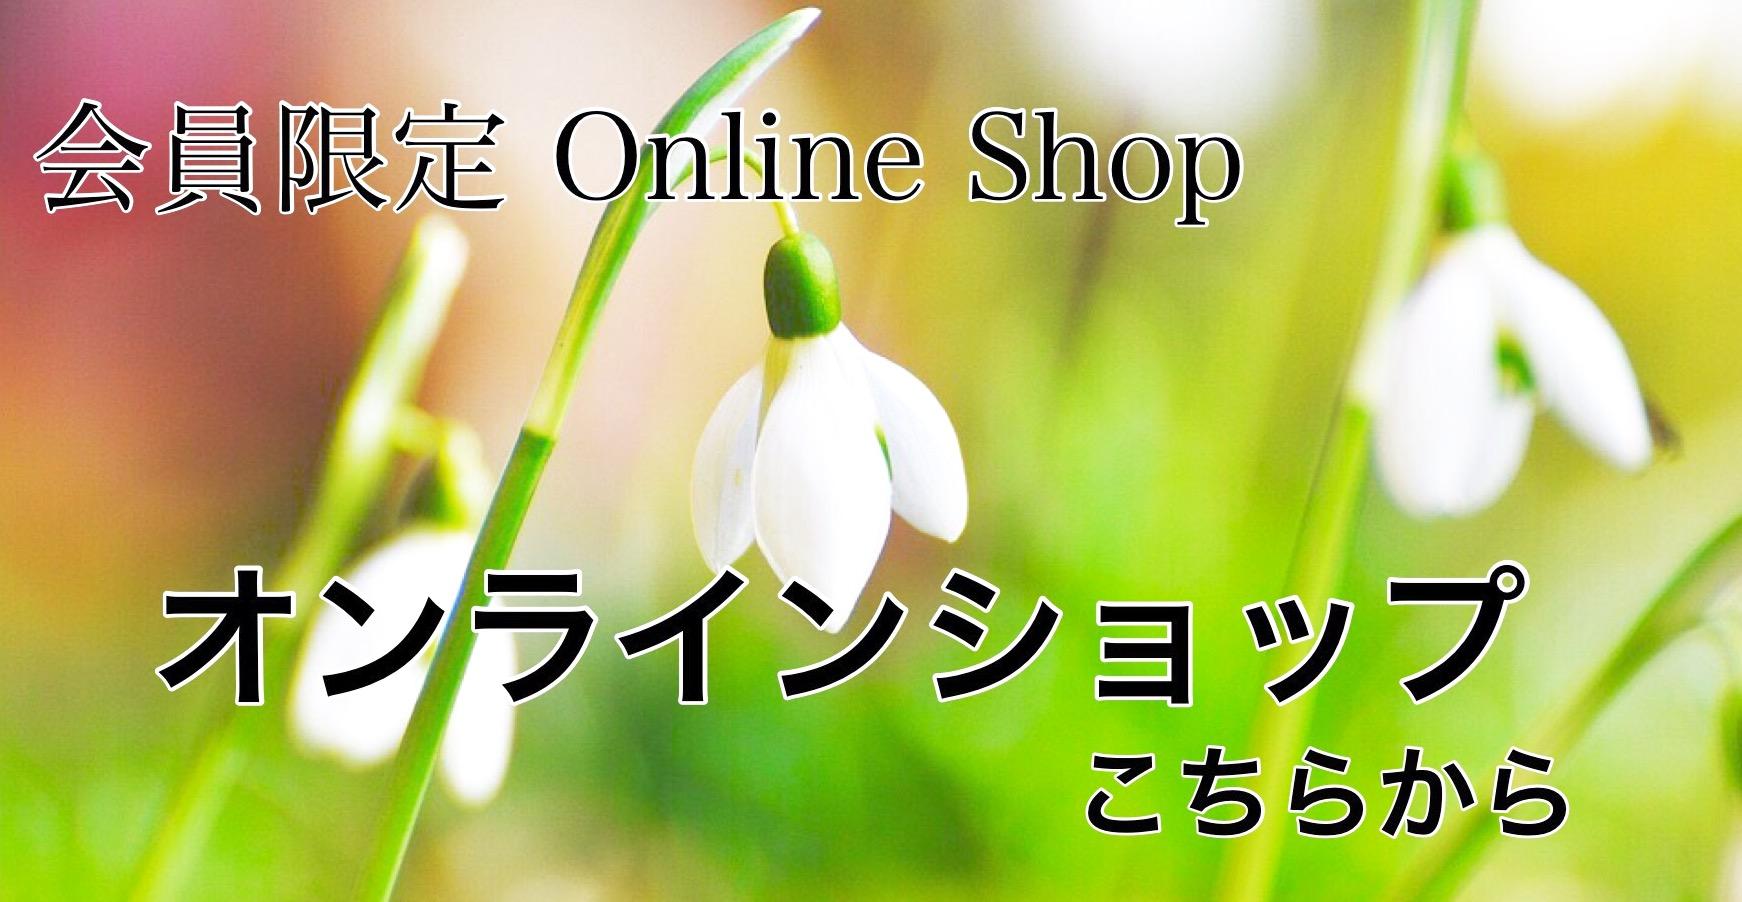 会員限定オンラインショップ